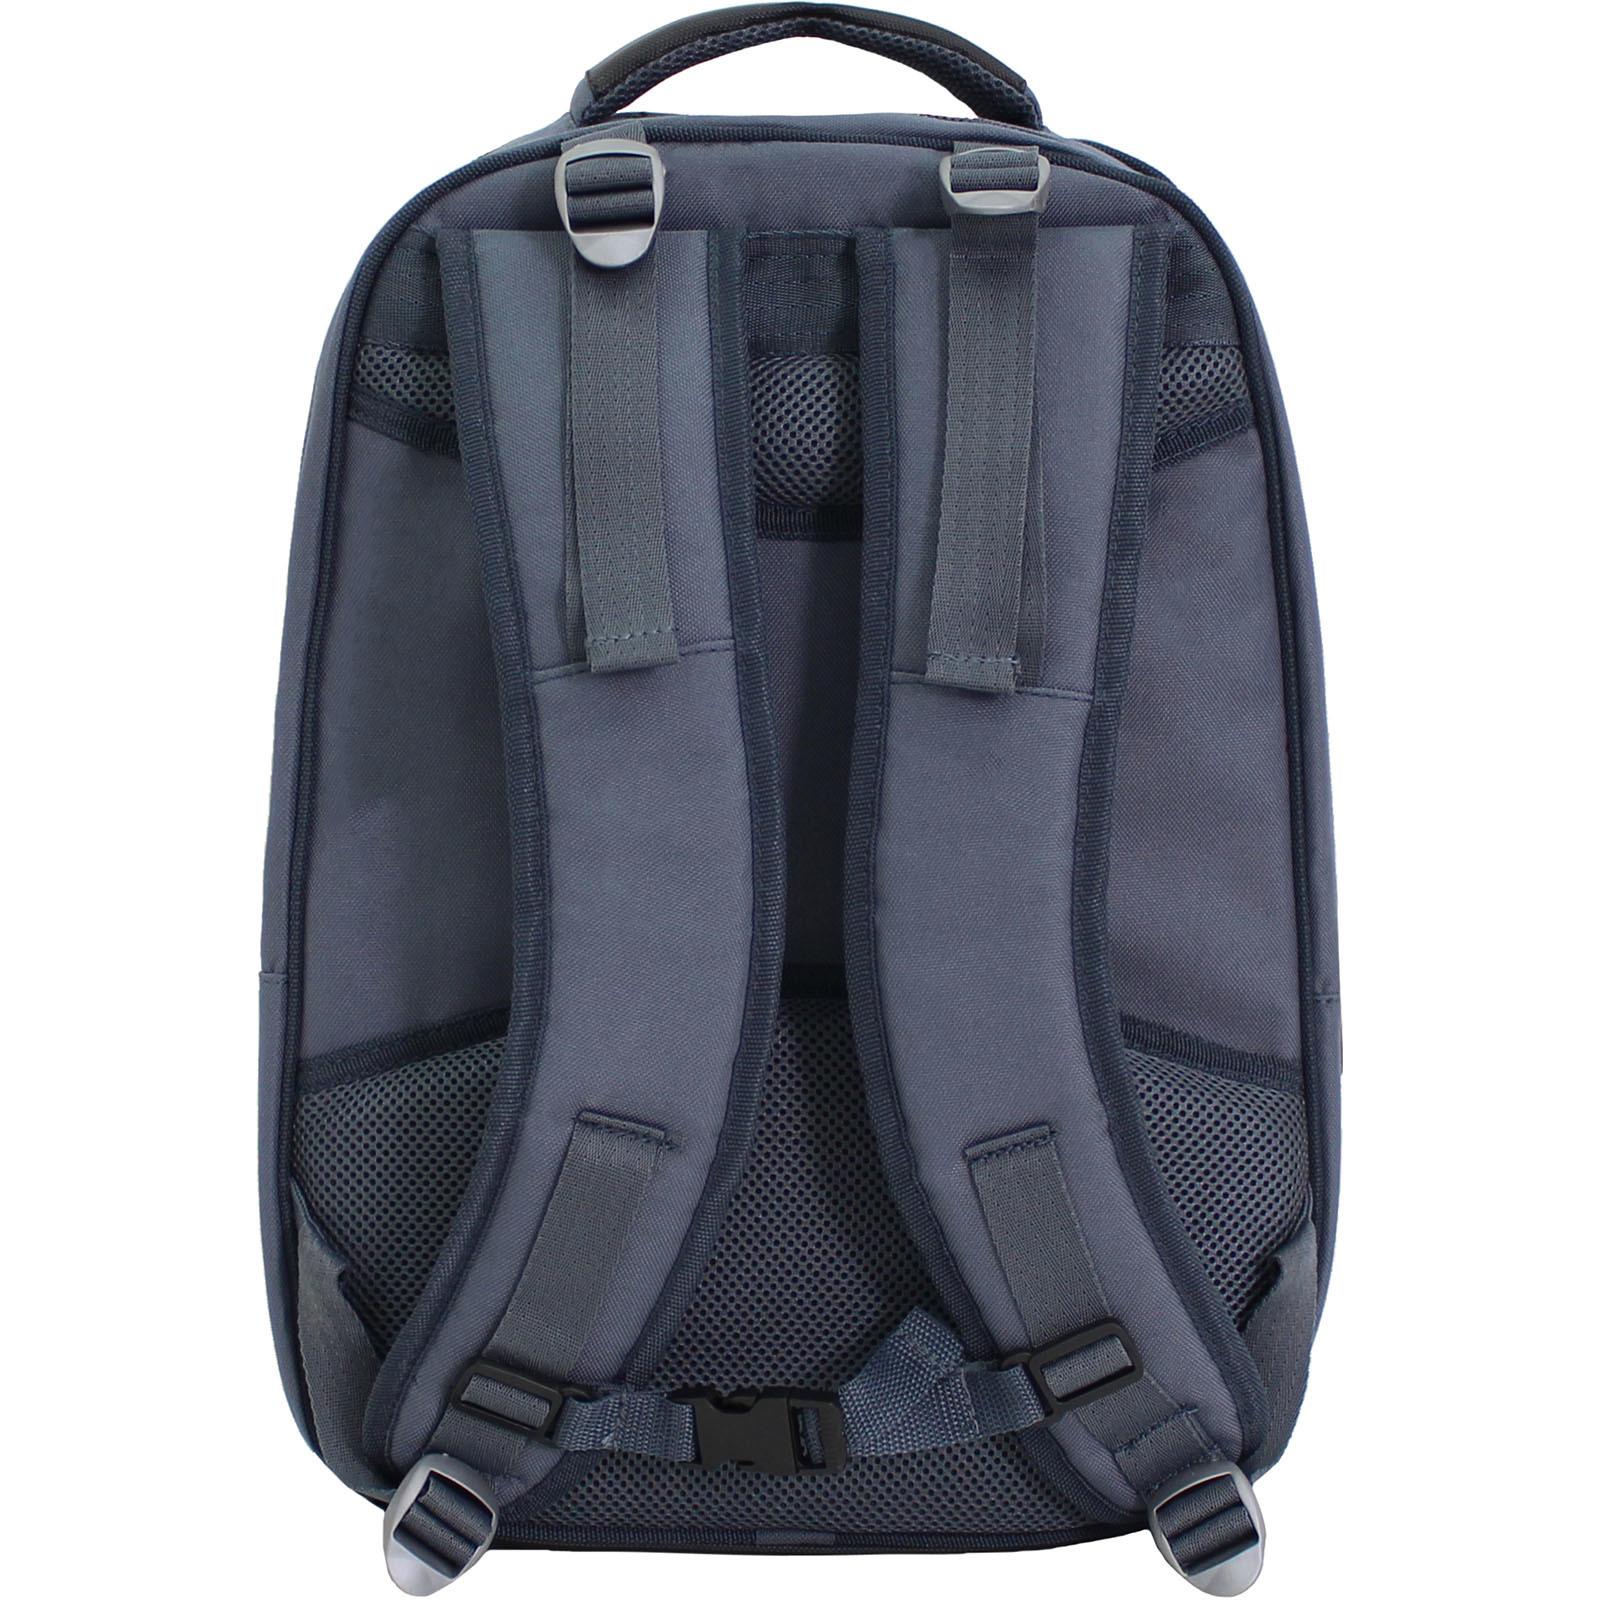 Рюкзак для ноутбука Bagland Рюкзак под ноутбук 536 22 л. Темно серый (0053666) фото 3